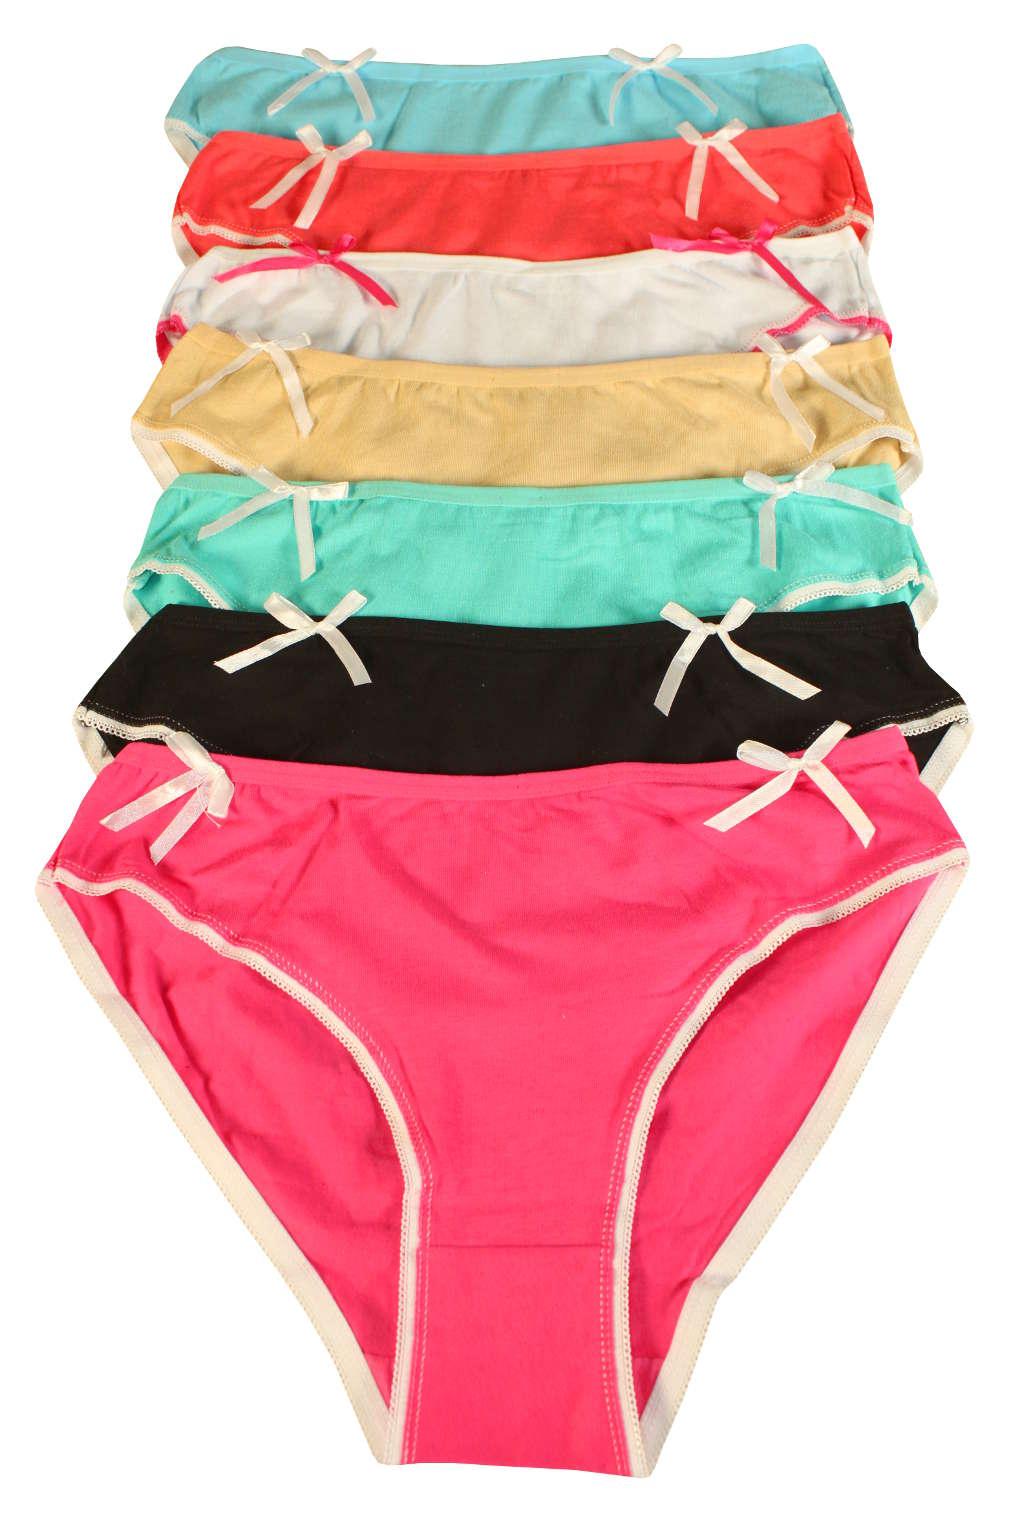 Gemma bavlněné kalhotky - 3pack M MIX